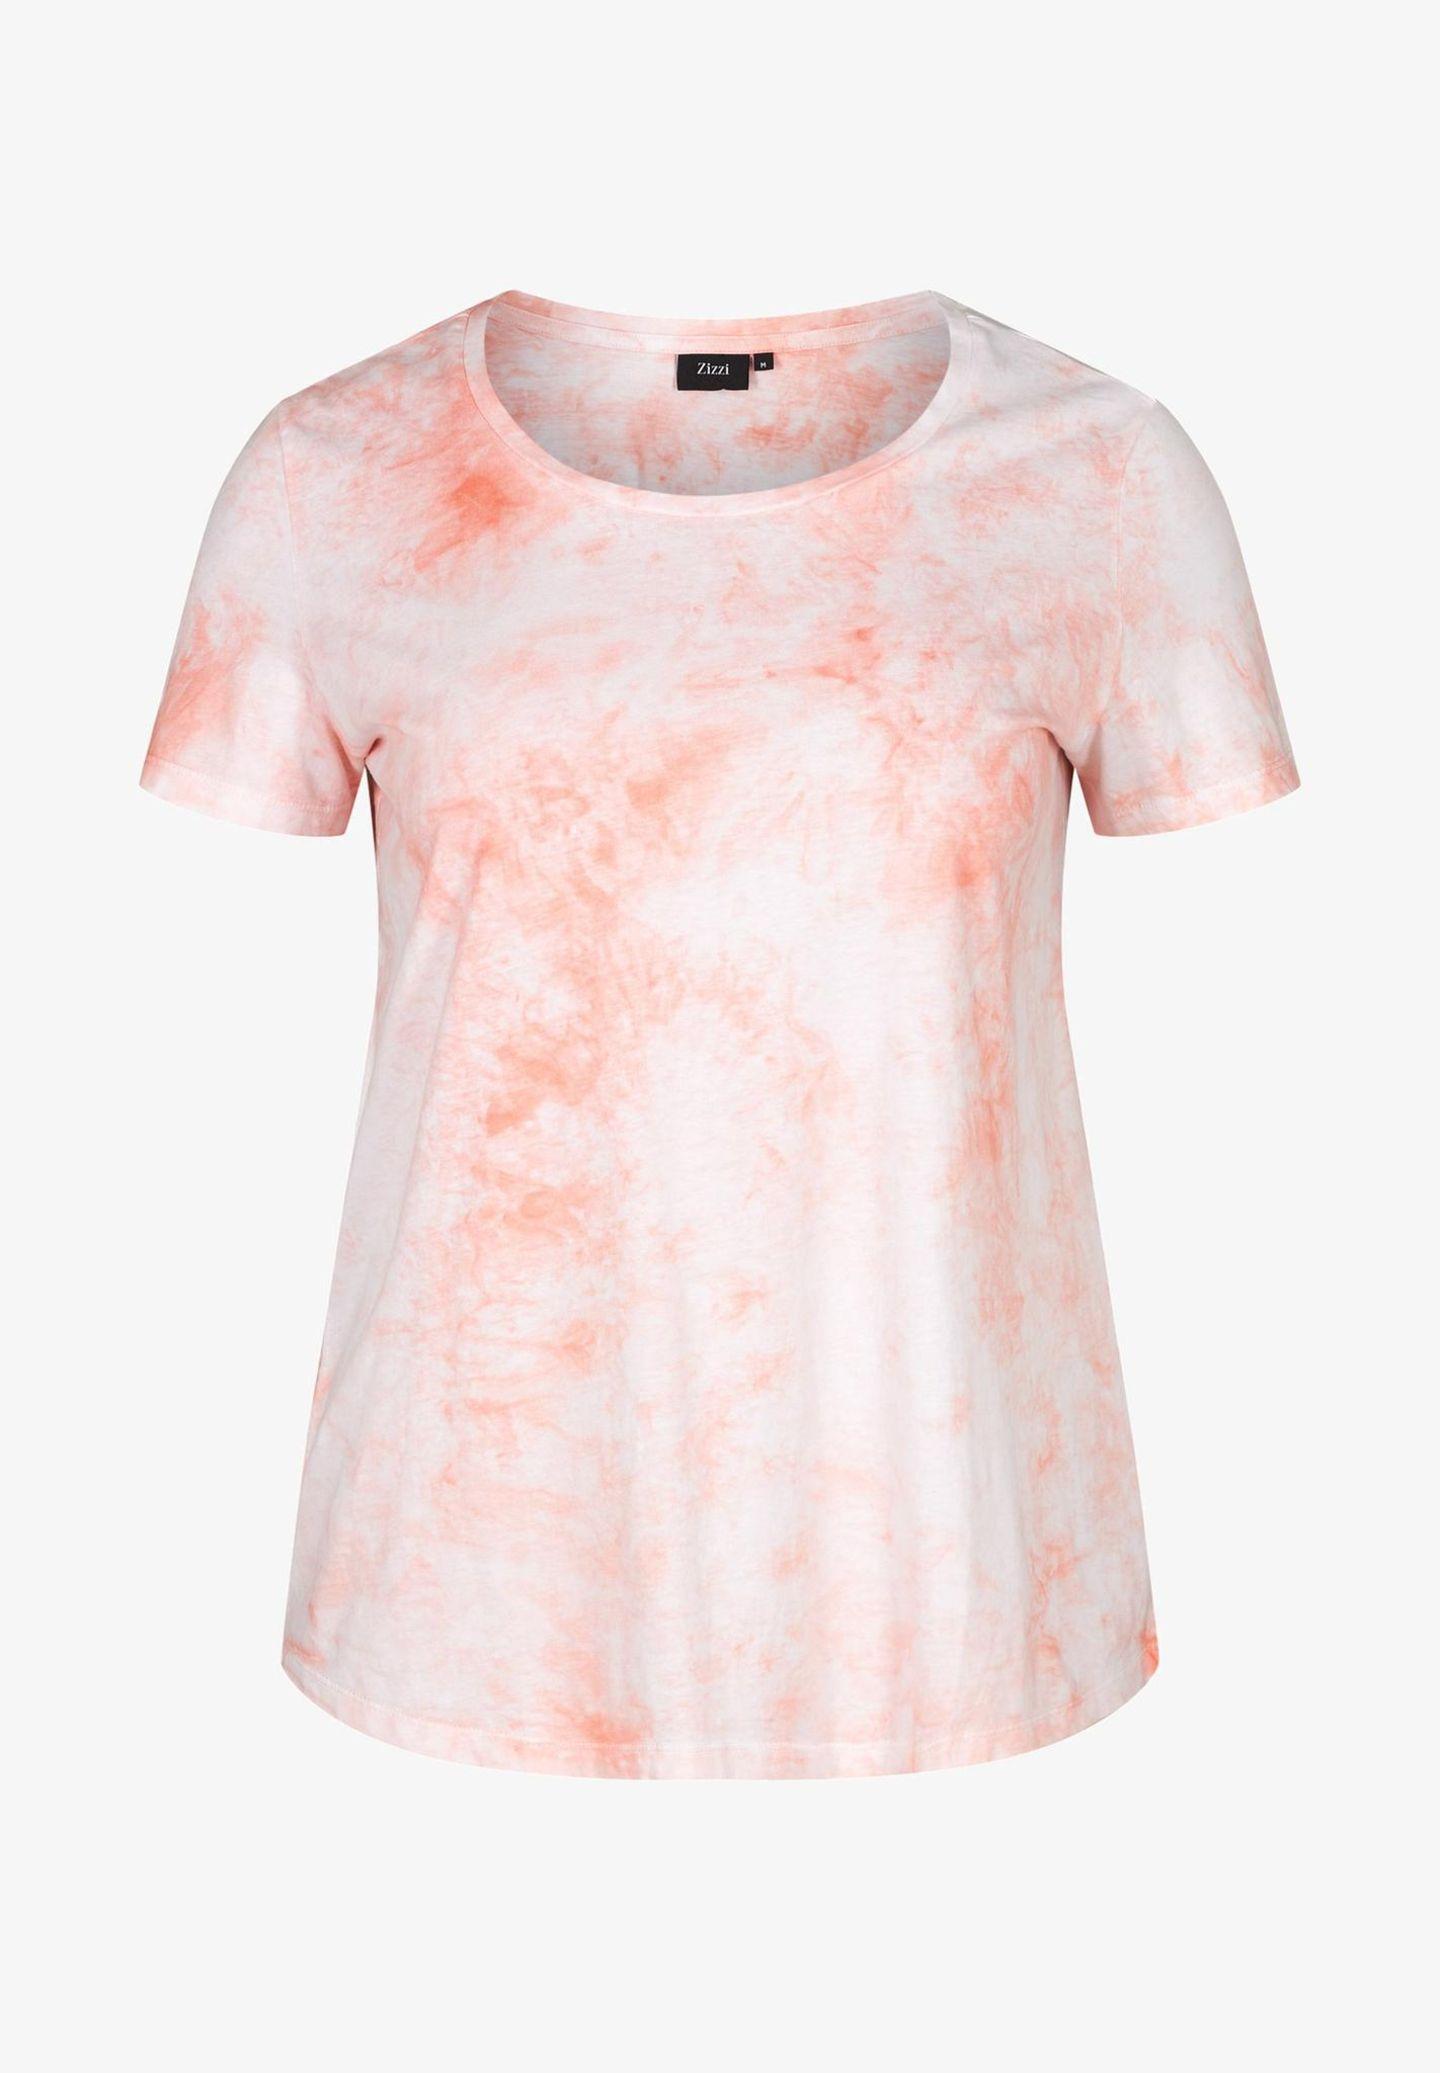 Batik-Shirts tragen wir im Frühling und Sommer noch immer gern. Klar, dass diese Variante in Weiß und Rosa sofort in unseren Warenkorb wandert. Von Zizzi über Zalando, rund 25 Euro.